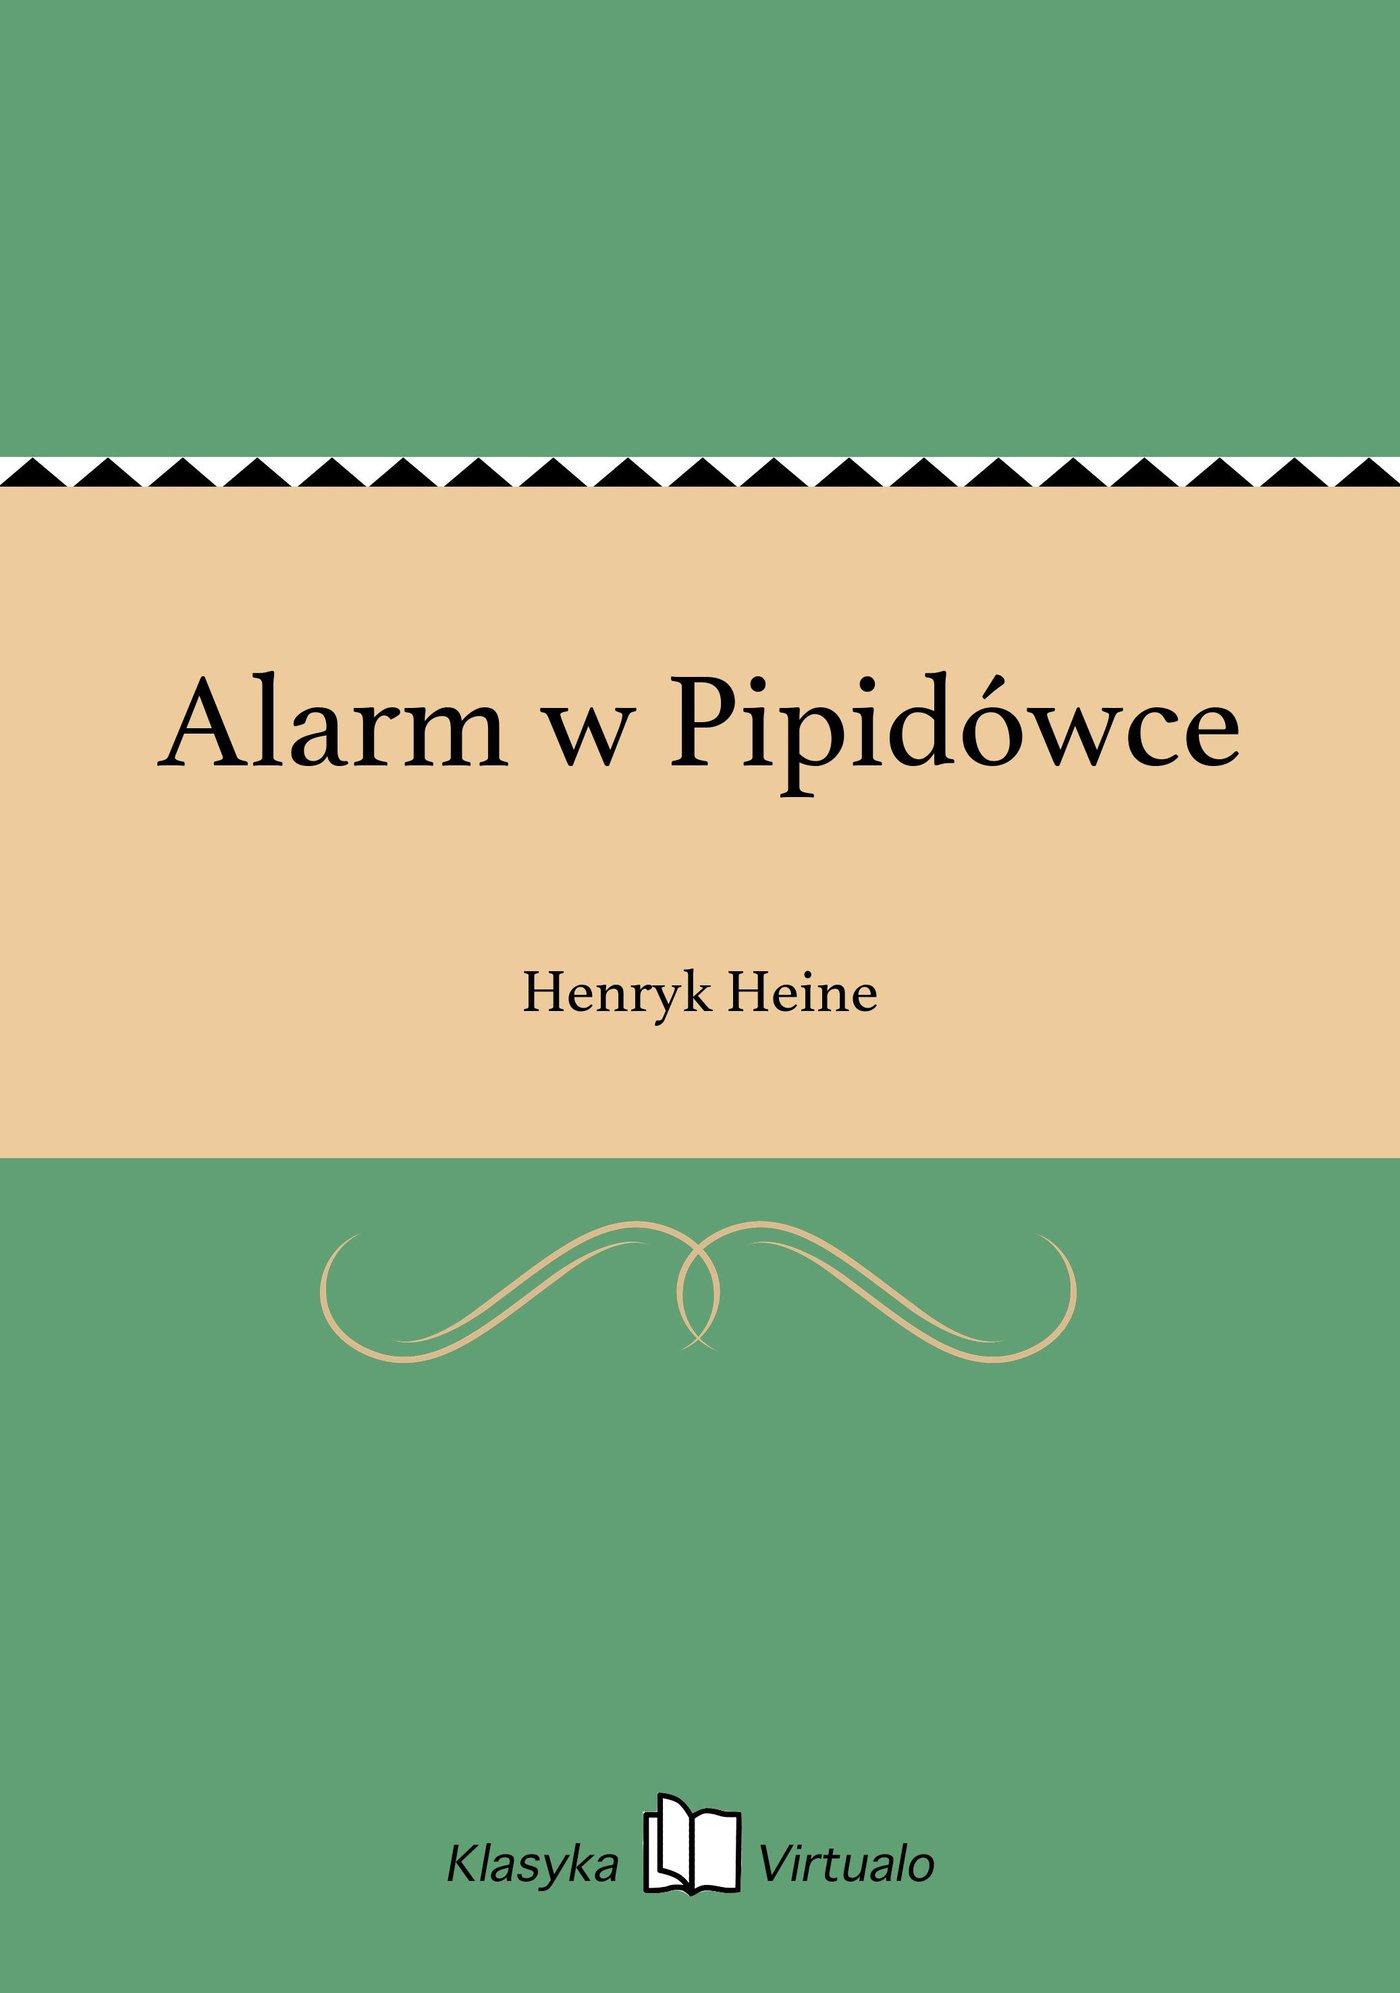 Alarm w Pipidówce - Ebook (Książka na Kindle) do pobrania w formacie MOBI